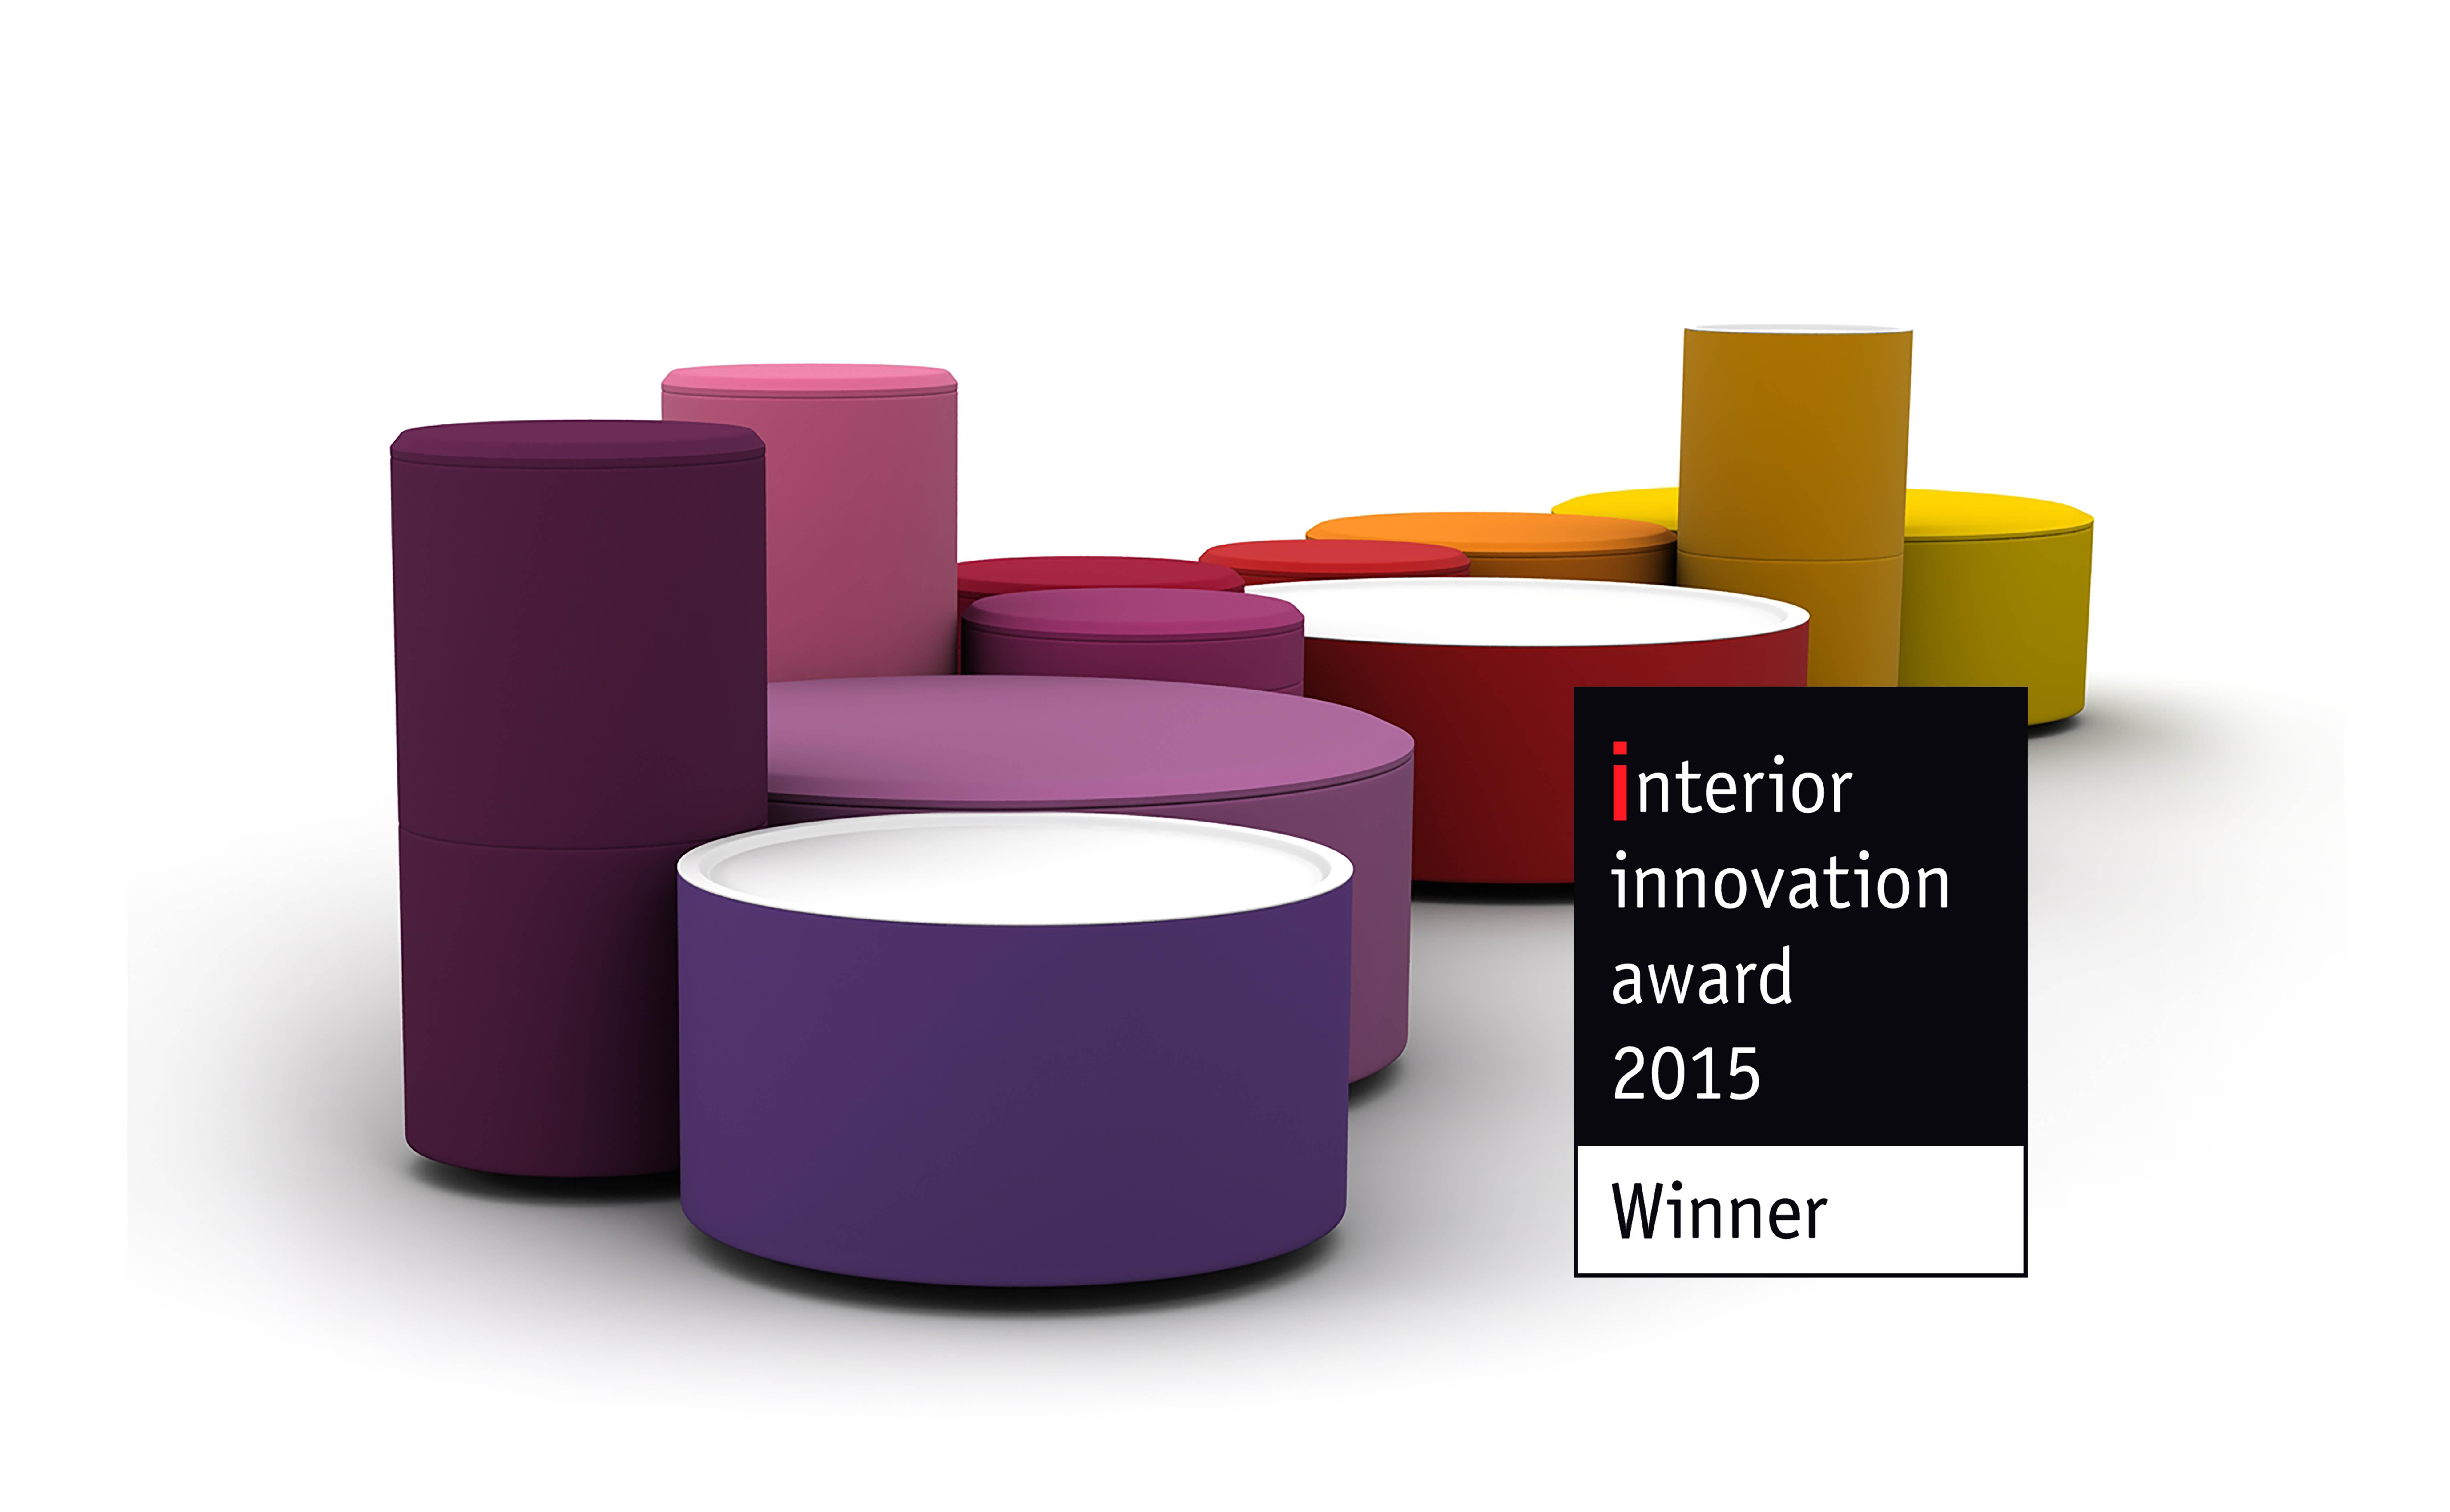 Interior Innovation Award 2015